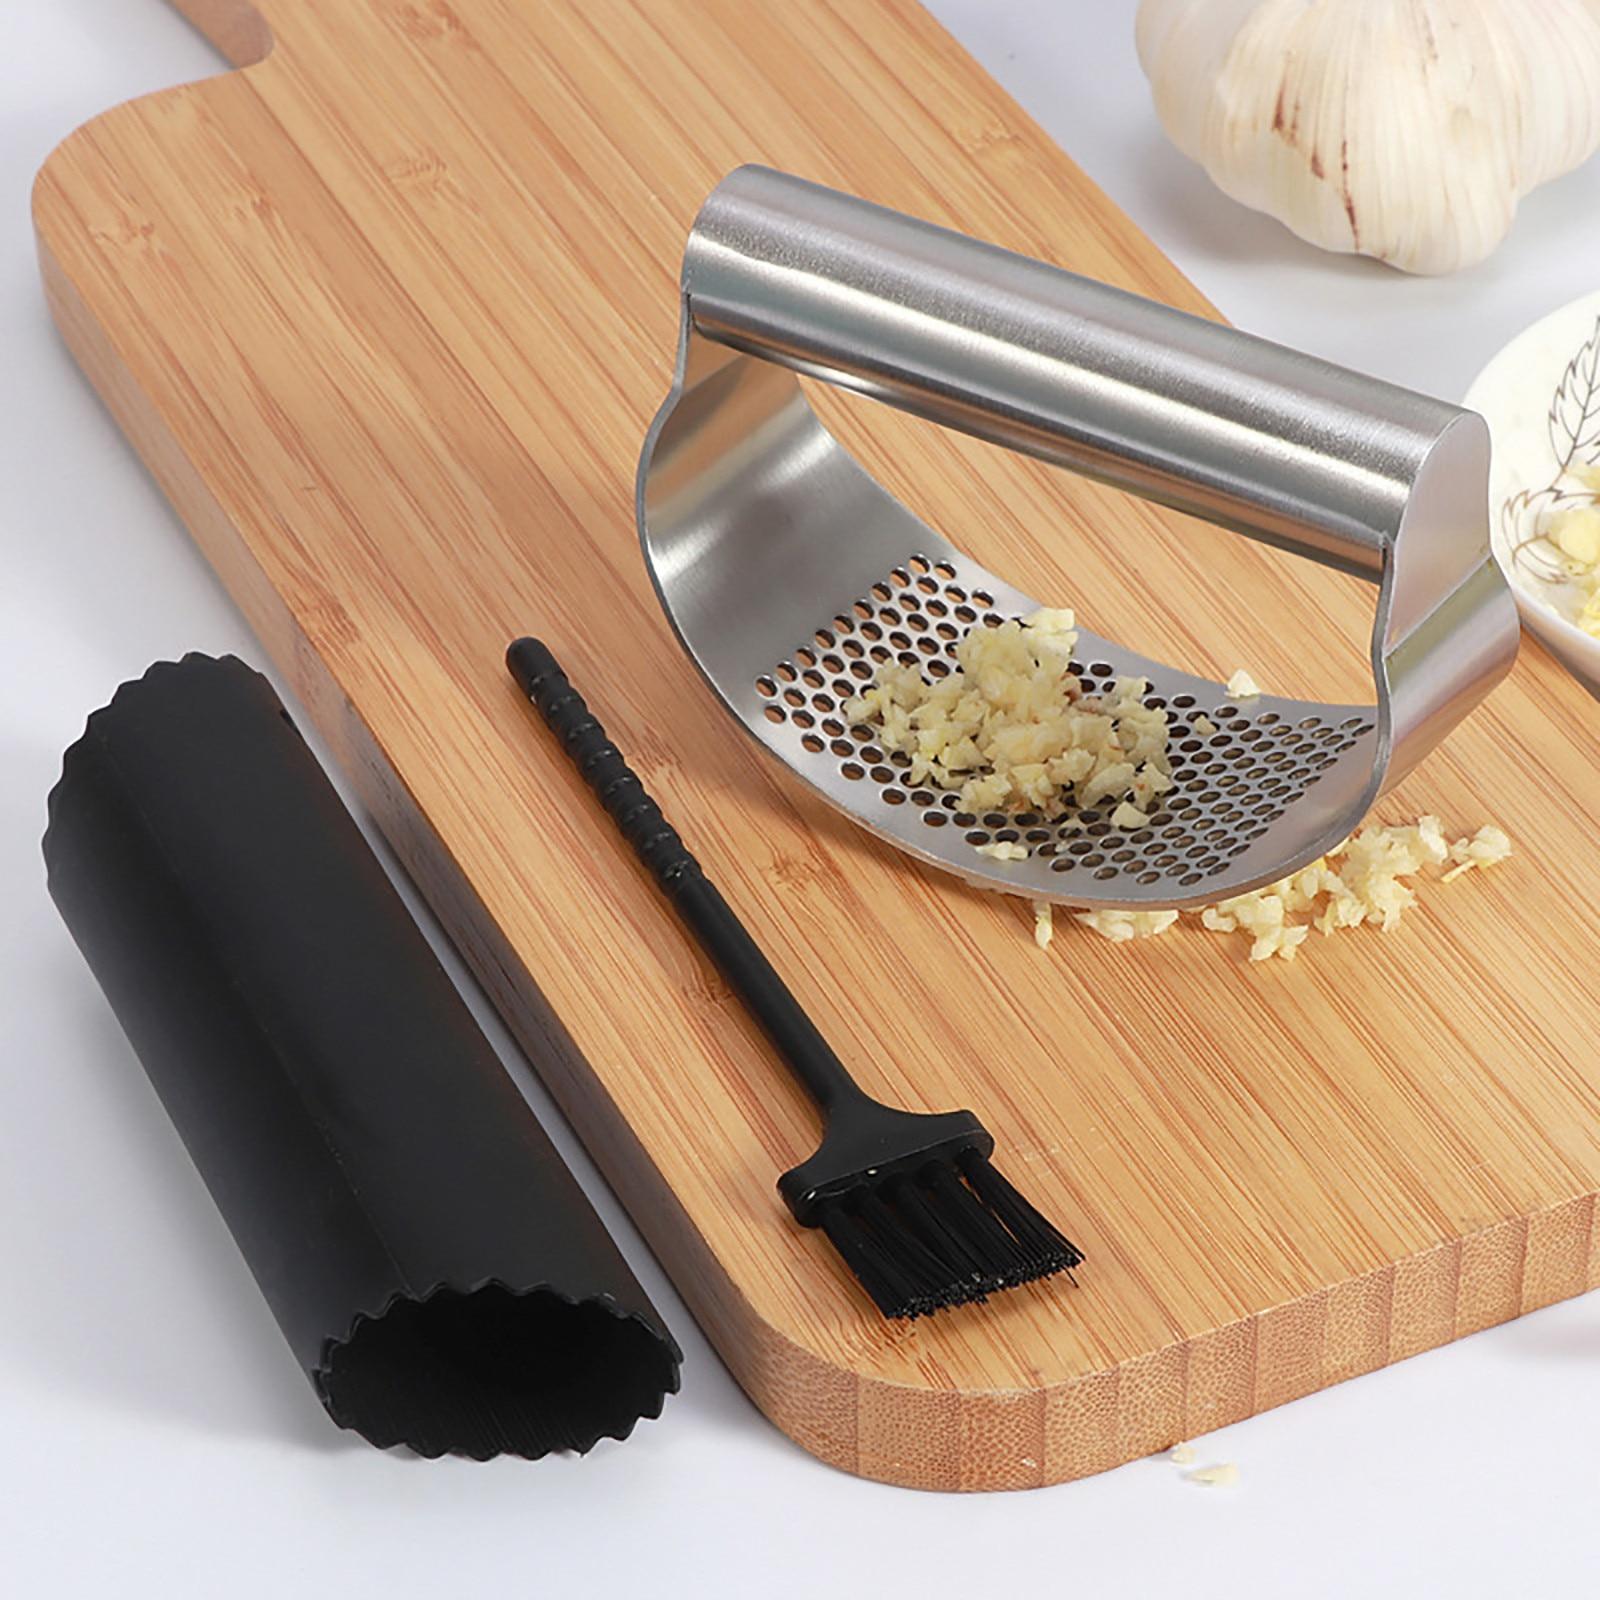 Alho imprensa triturador de aço inoxidável 100% manual da cozinha espremedor masher durável alho picador rocker para acessórios cozinha